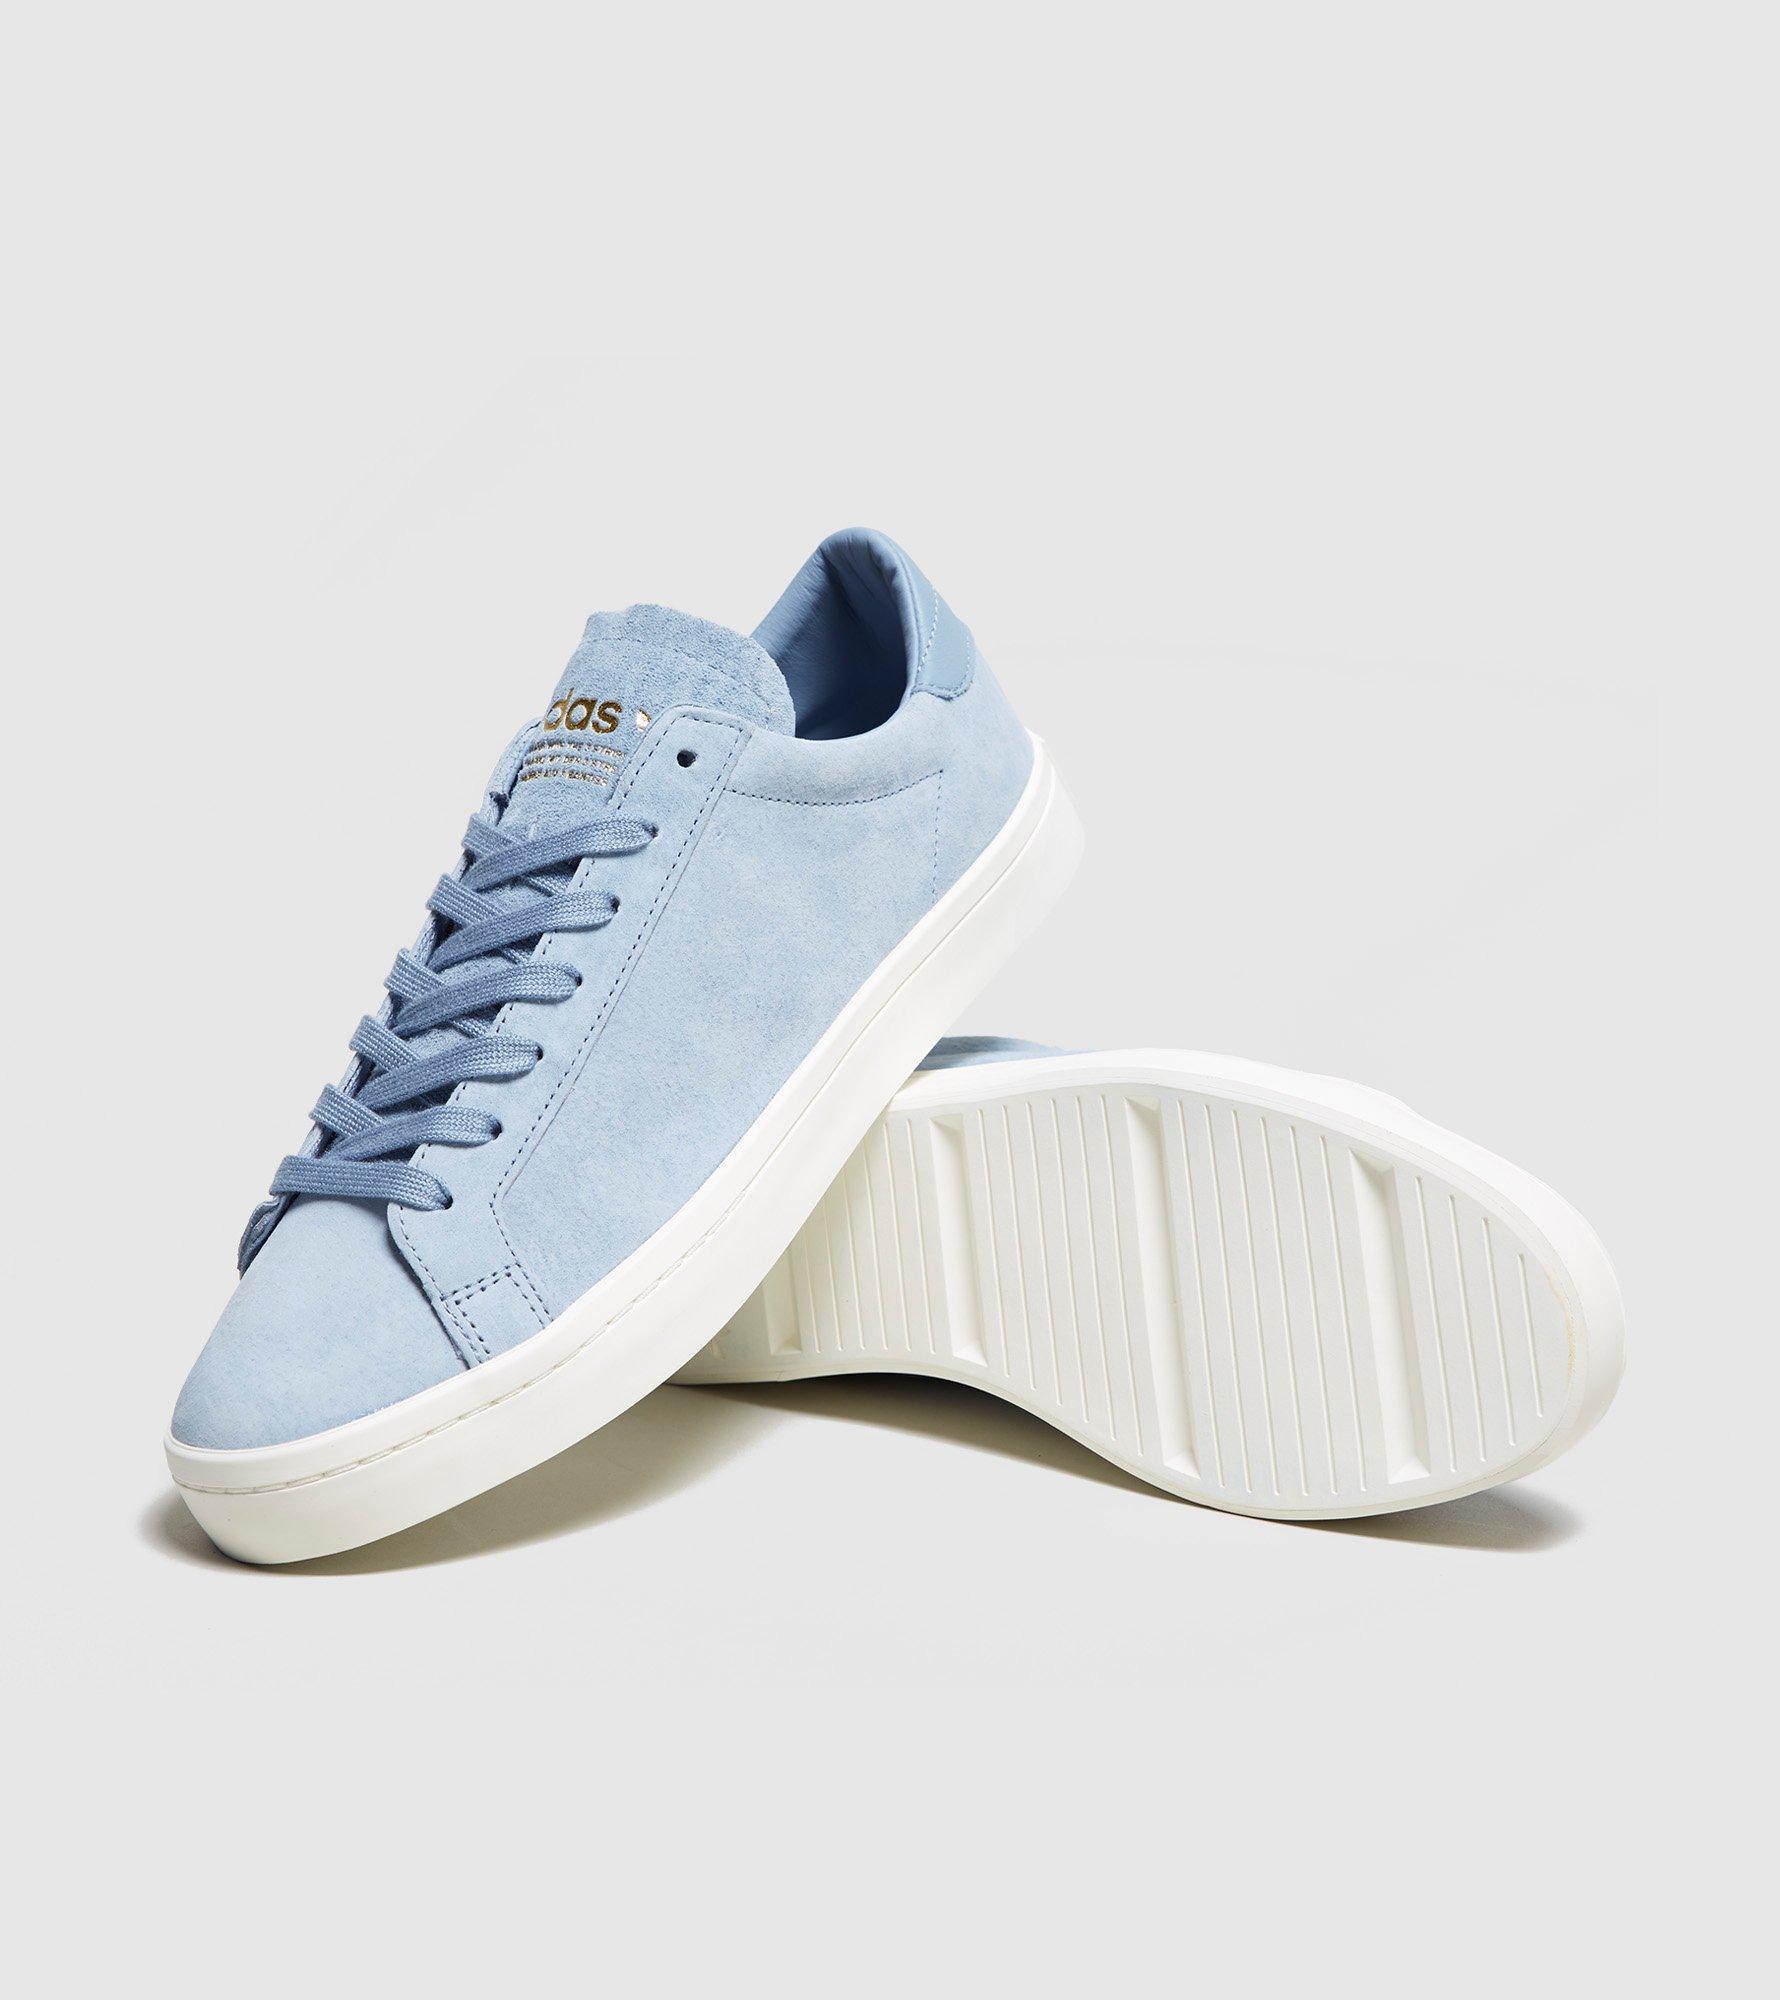 Lyst adidas Originals Court Vantage Suede en en Suede color azul para hombres 18c4b9